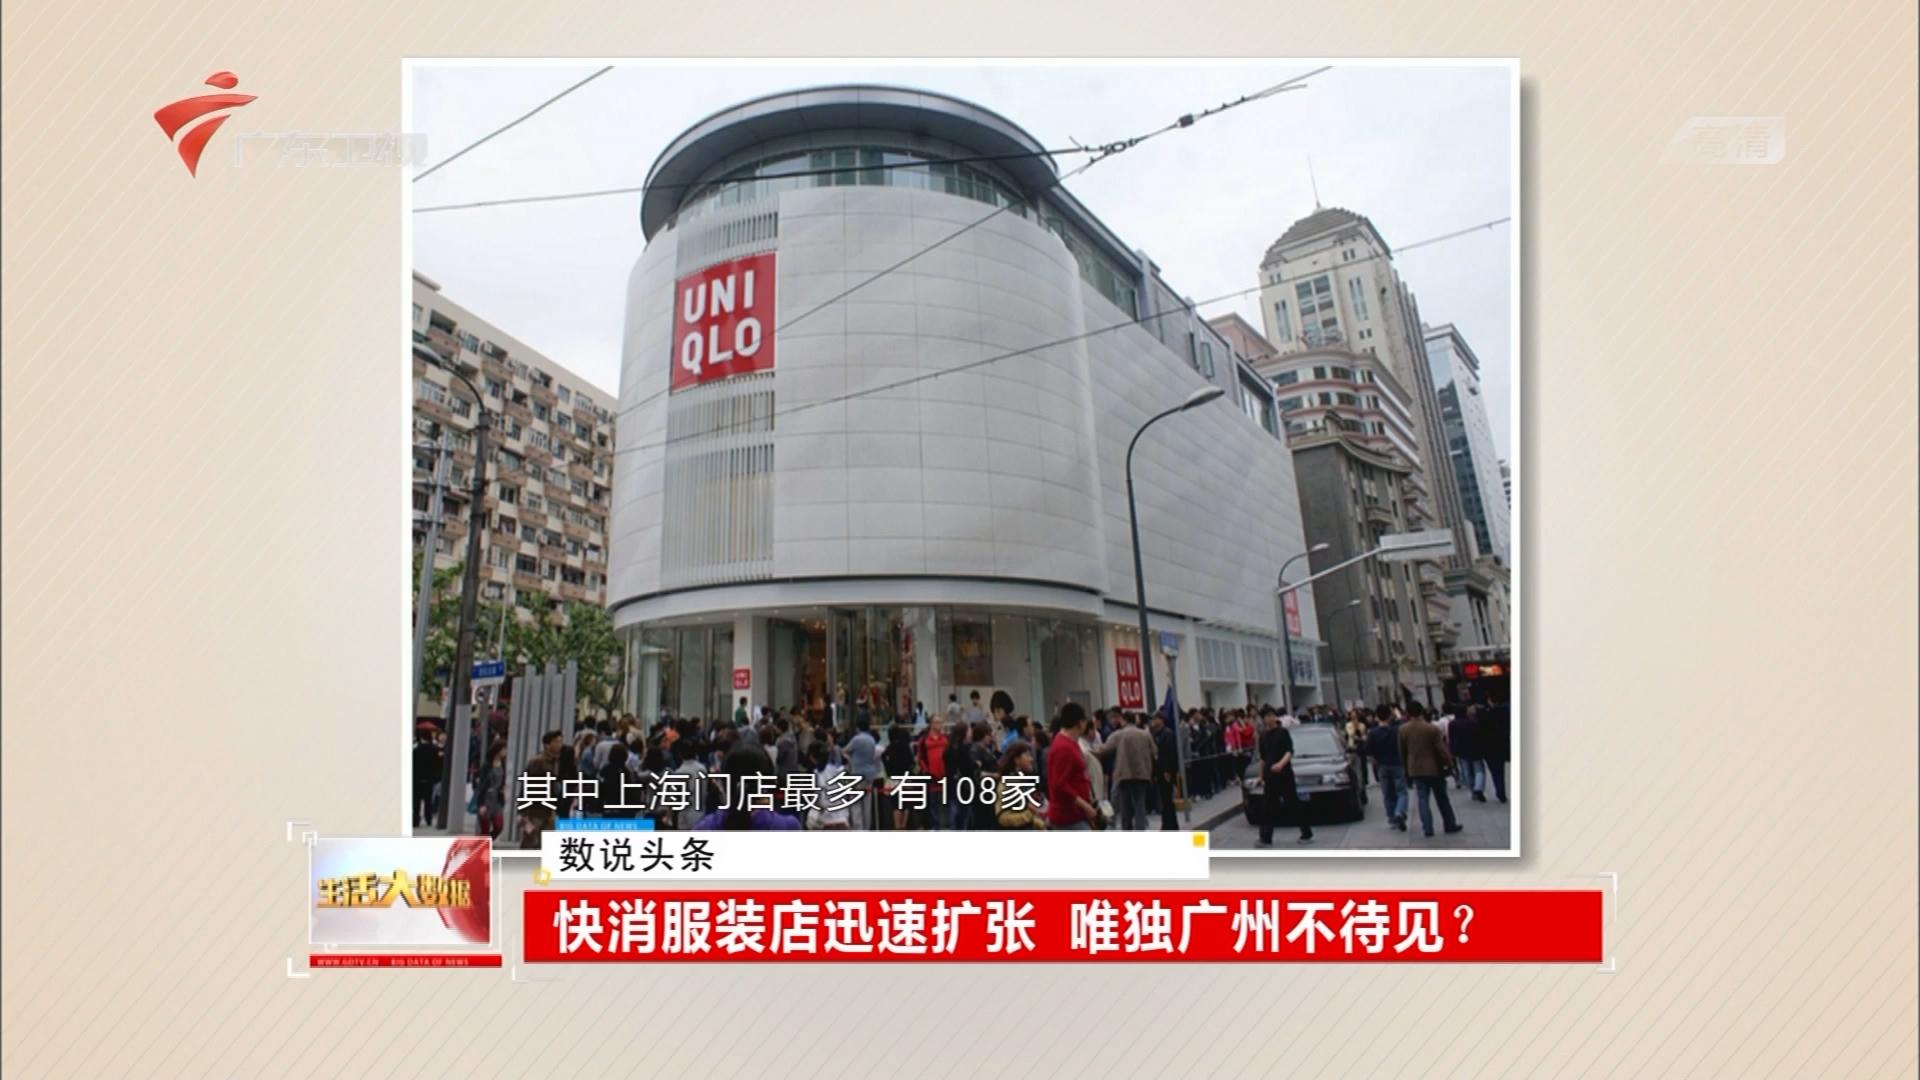 快消服装店迅速扩张 唯独广州不待见?